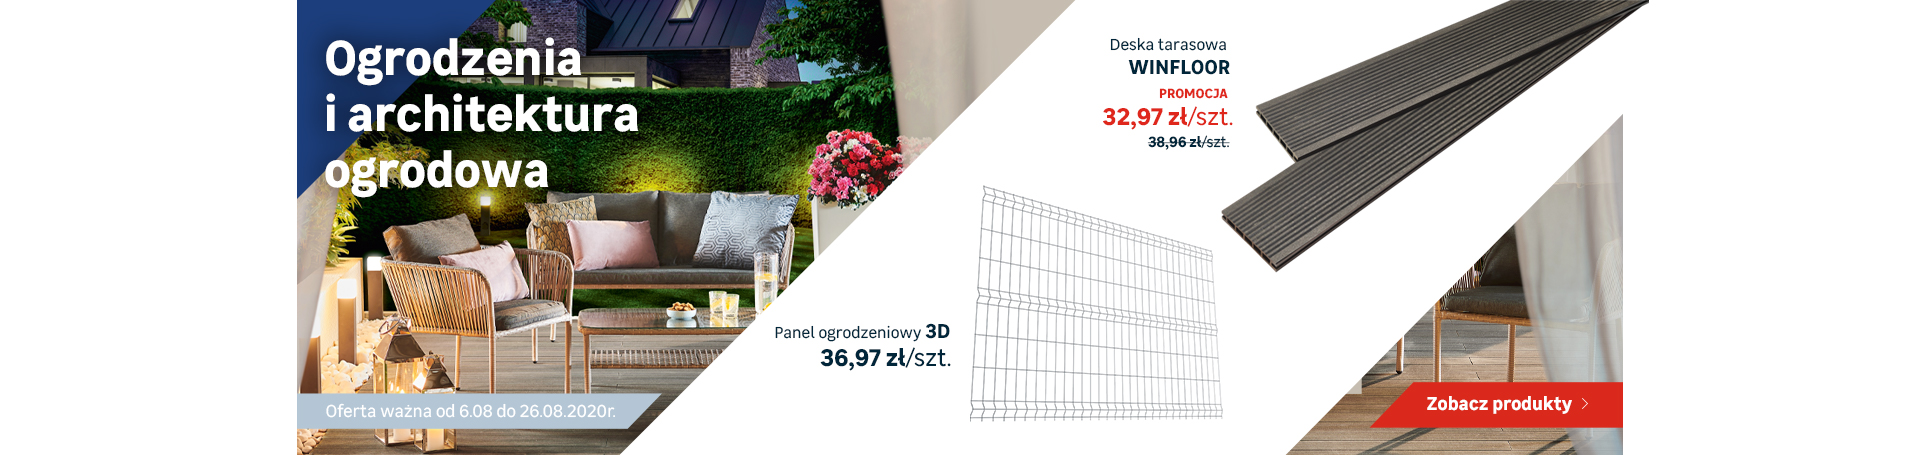 ps-architektura-06-26.08.2020-1323x455